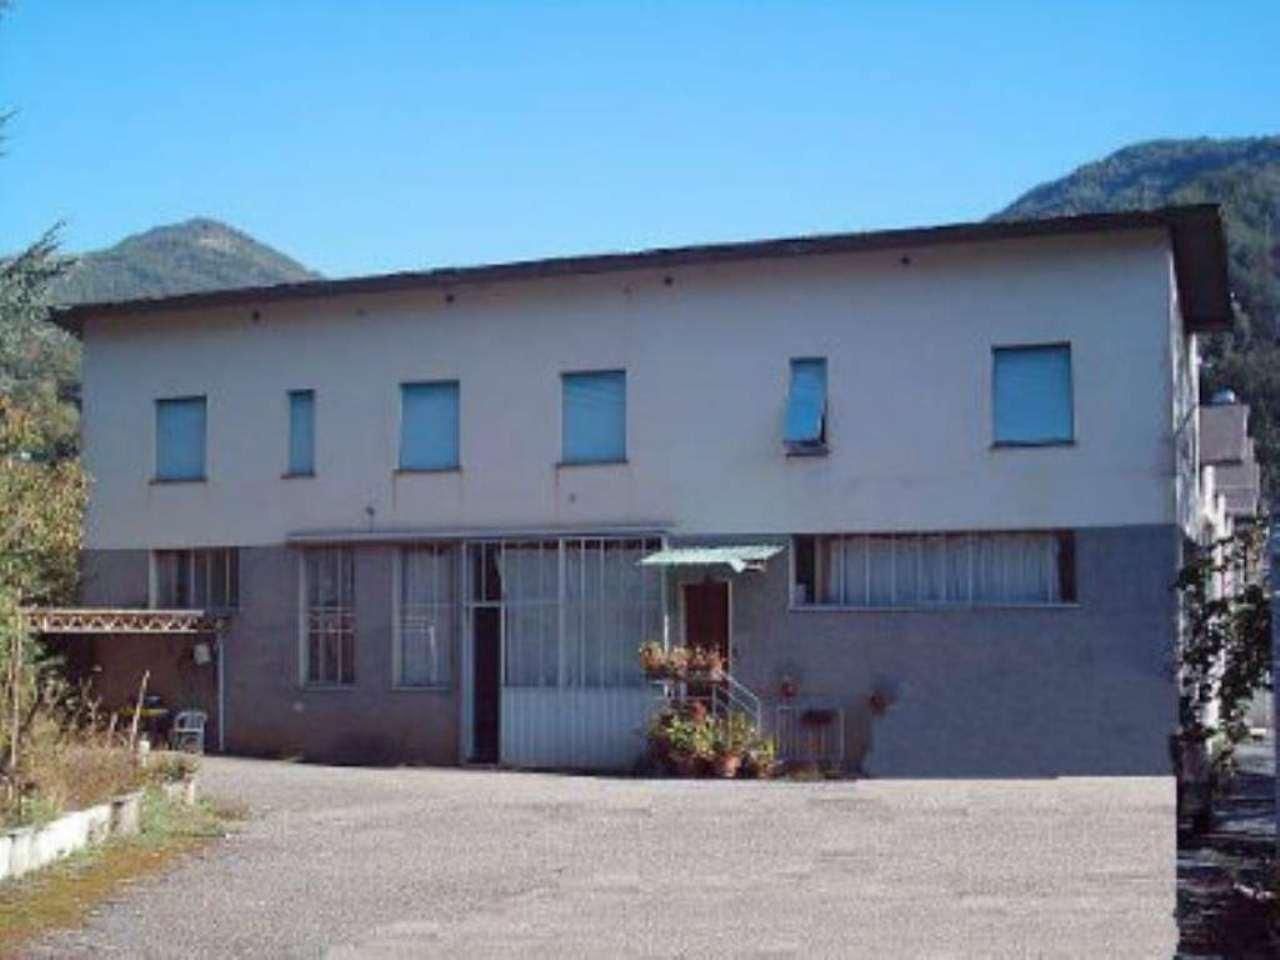 Capannone in vendita a Cicagna, 1 locali, prezzo € 380.000 | CambioCasa.it